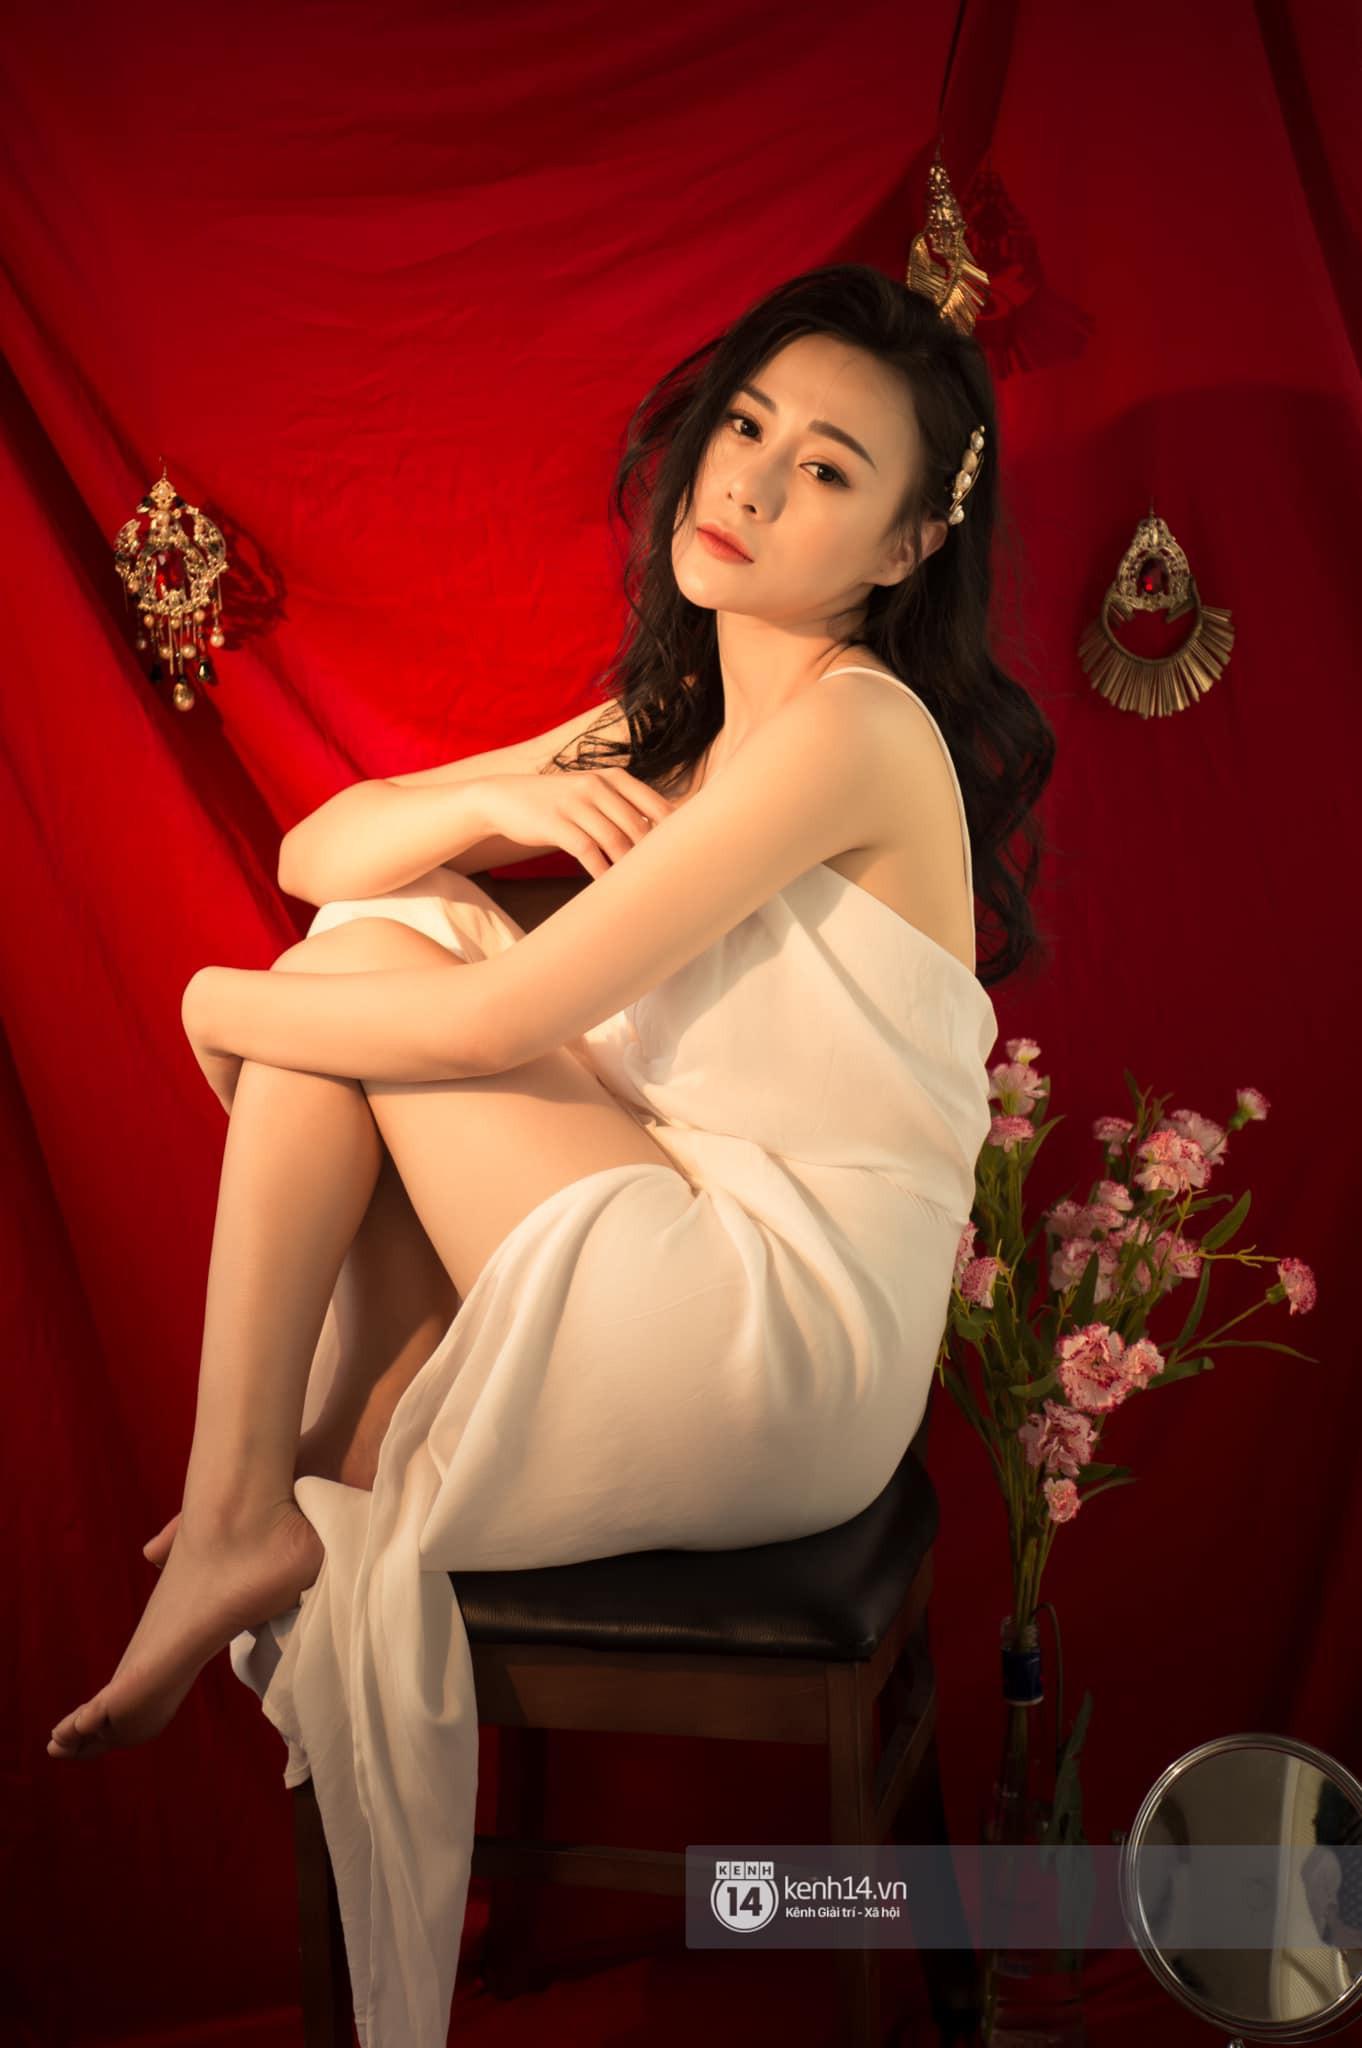 So kè 5 cô gái hội Tuesday màn ảnh Việt: Nóng bỏng từ phim đến đời thực, có người còn bị chê phản cảm vì khoe thân quá đà! - Ảnh 6.